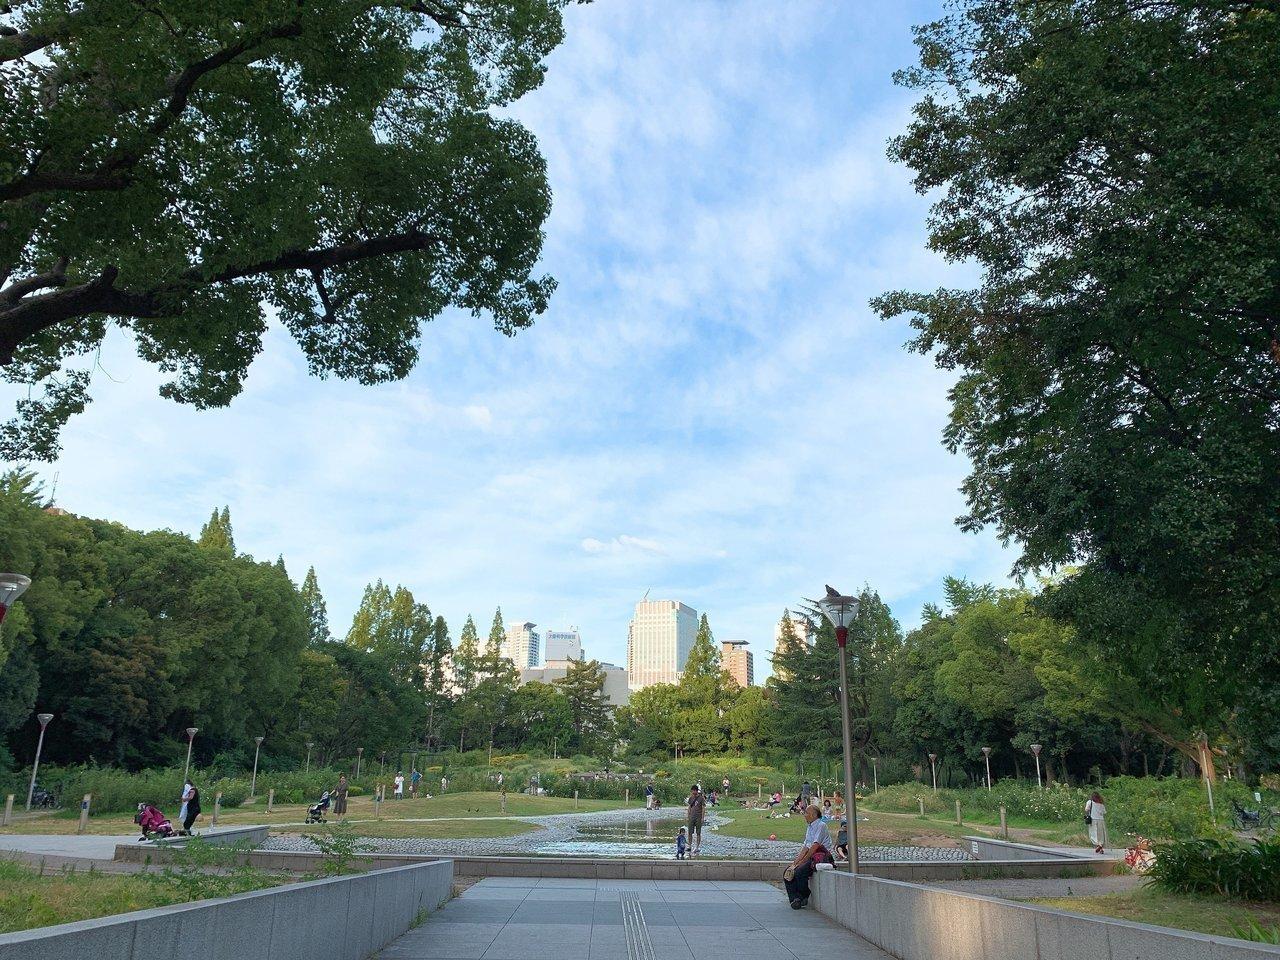 都会の雰囲気に疲れたら、すぐ近くにある靭公園へ。バラ園や園内にある川のせせらぎの音などに癒されましょう。